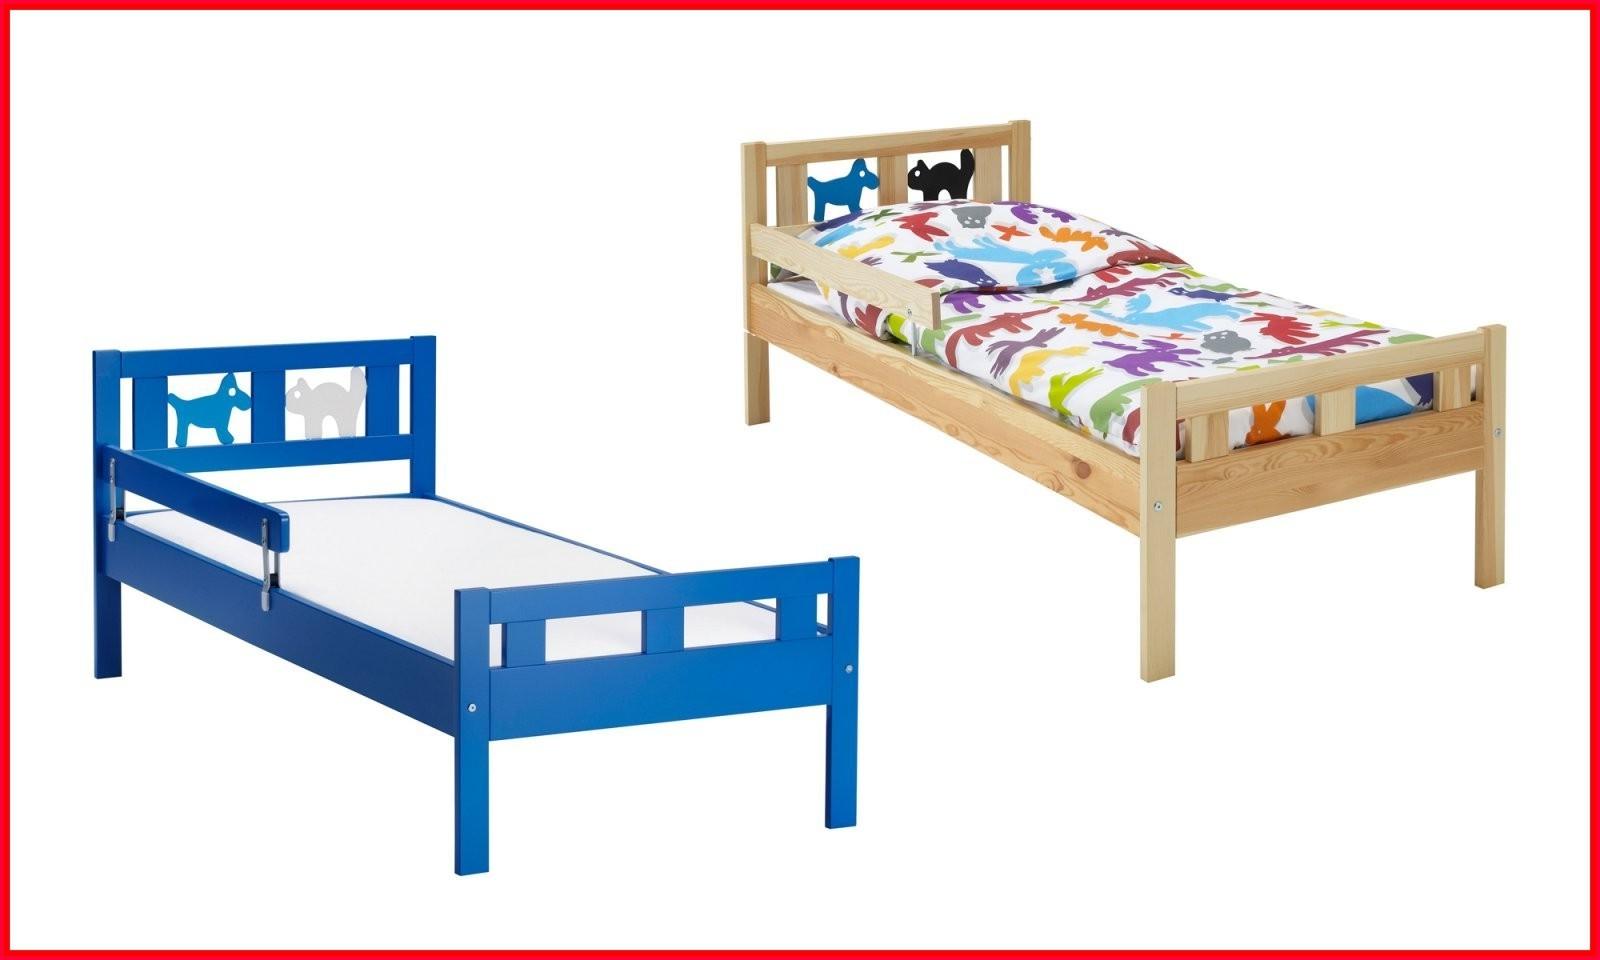 Mueble Bañera Cambiador Ikea Xtd6 Camas Para Nià Os Ikea Camas NiO Ikea Camas Infantiles